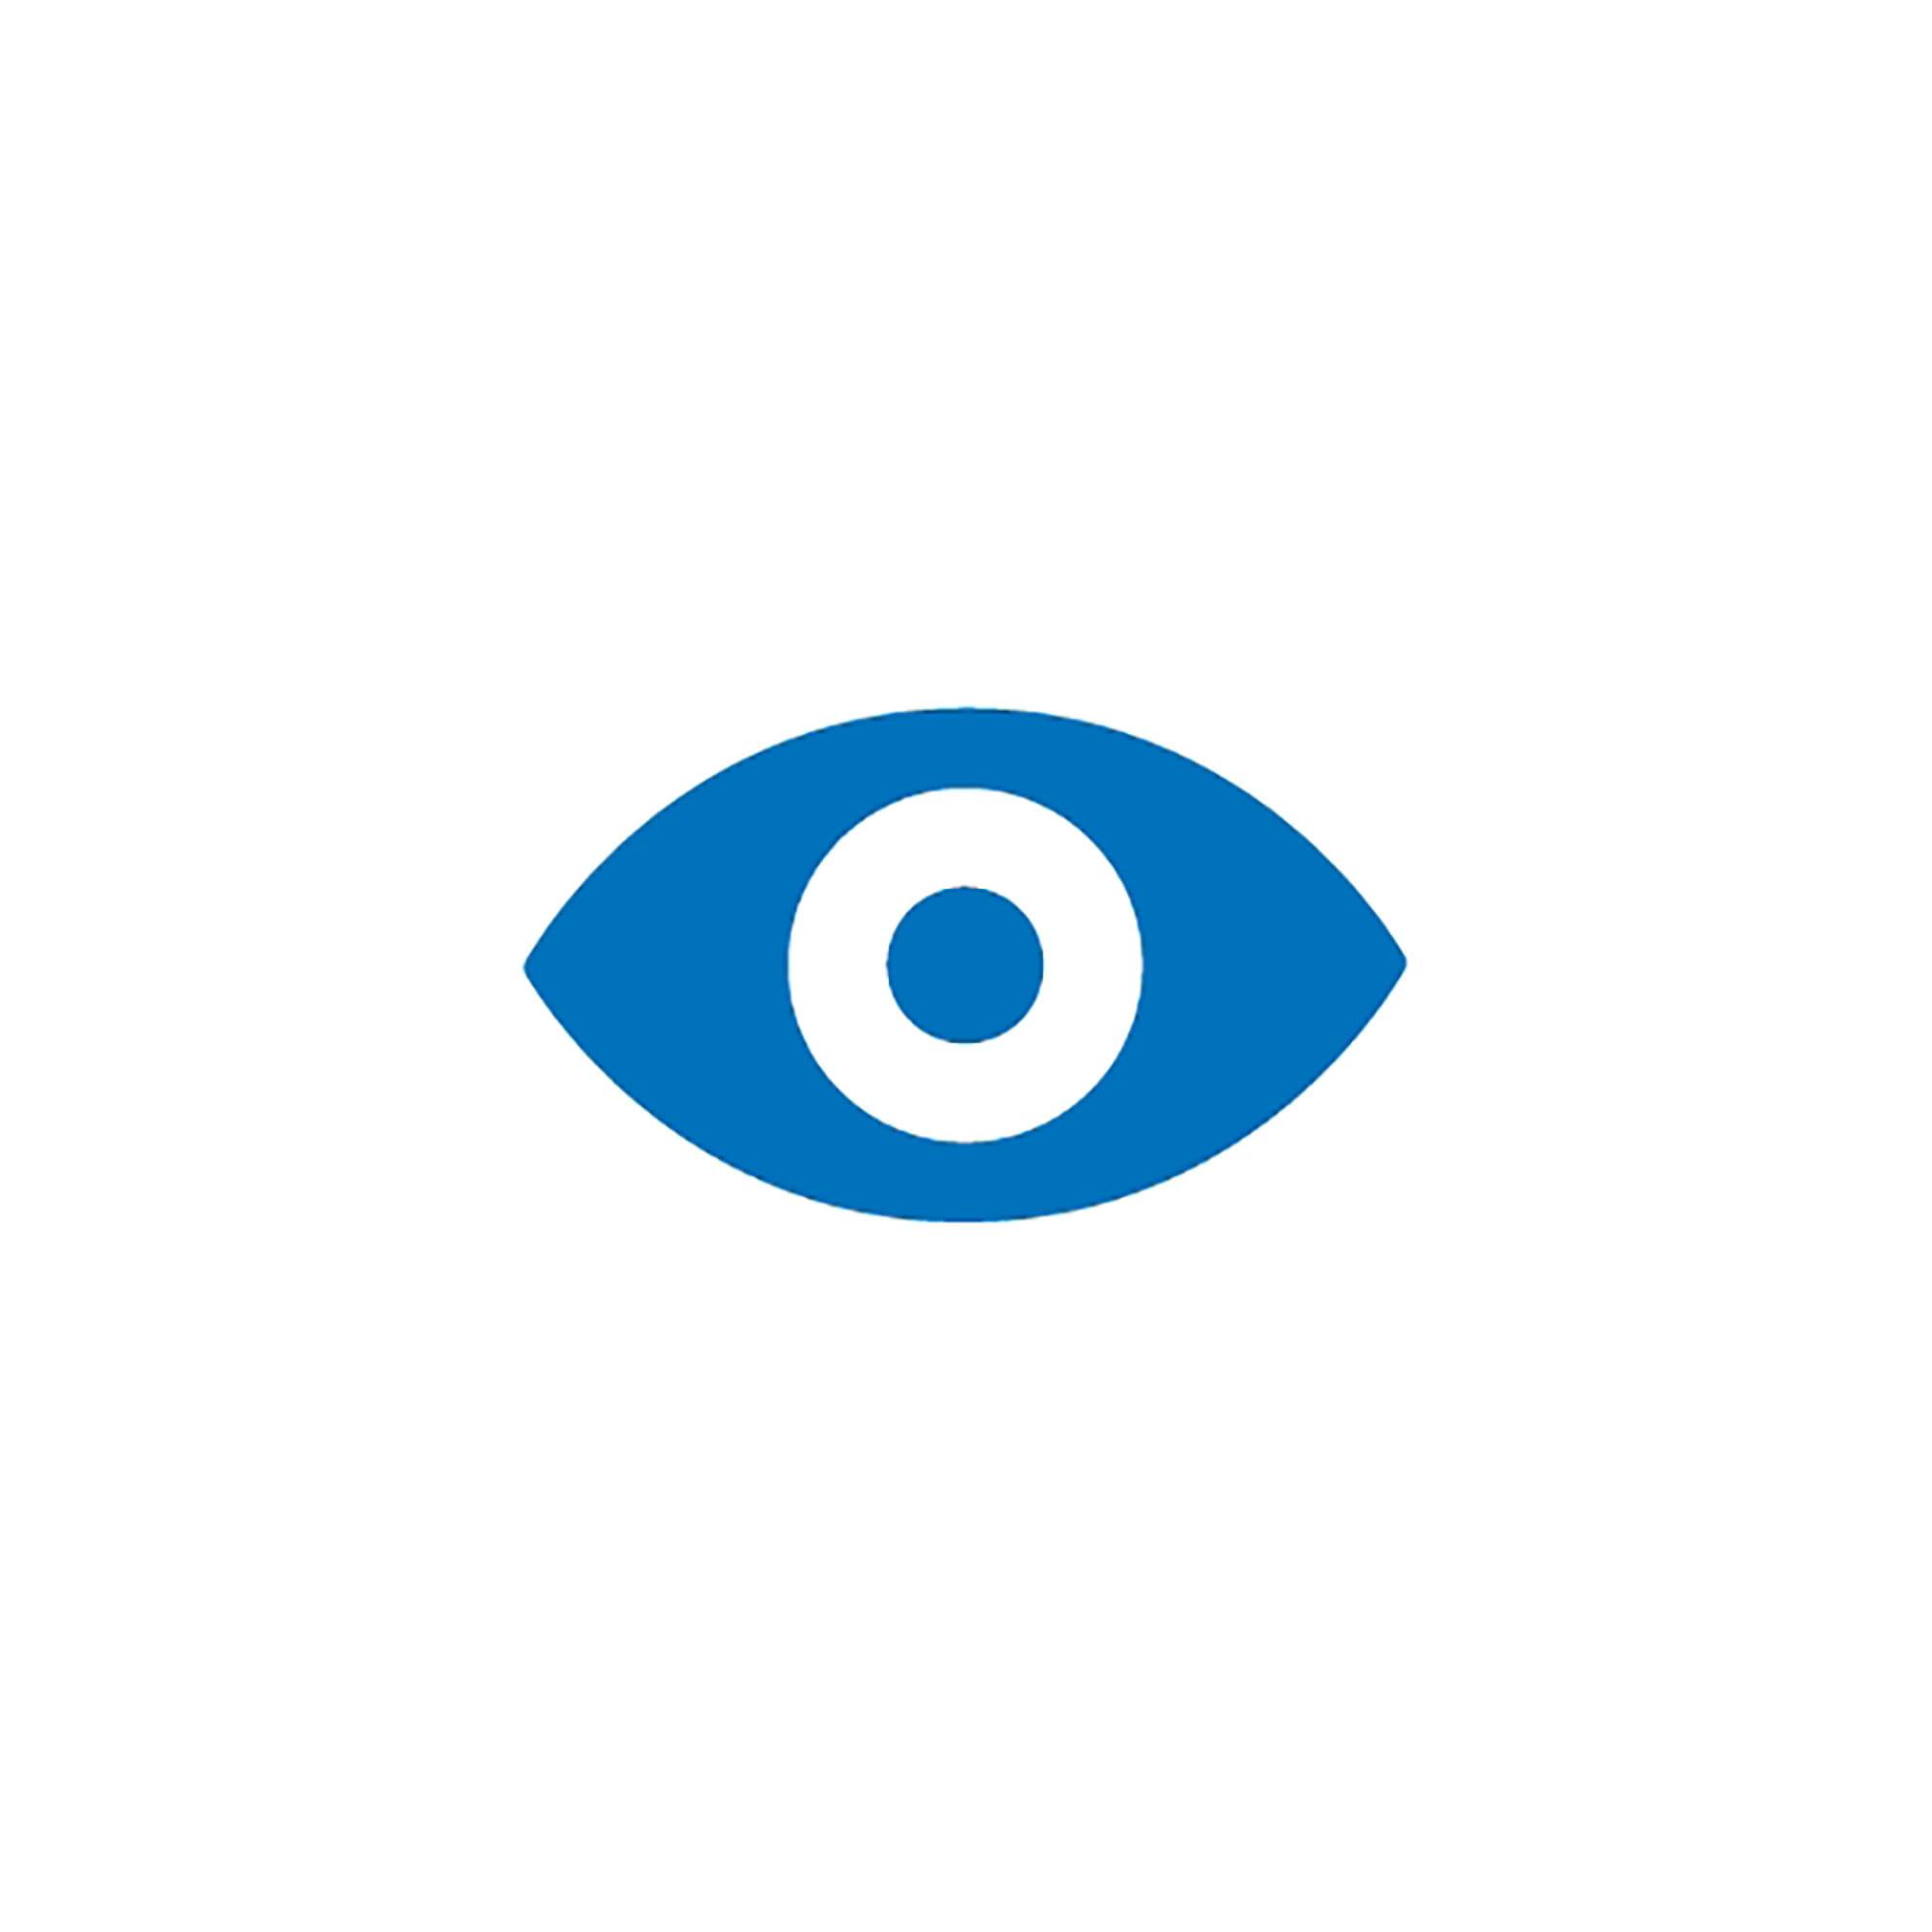 Øje ikon